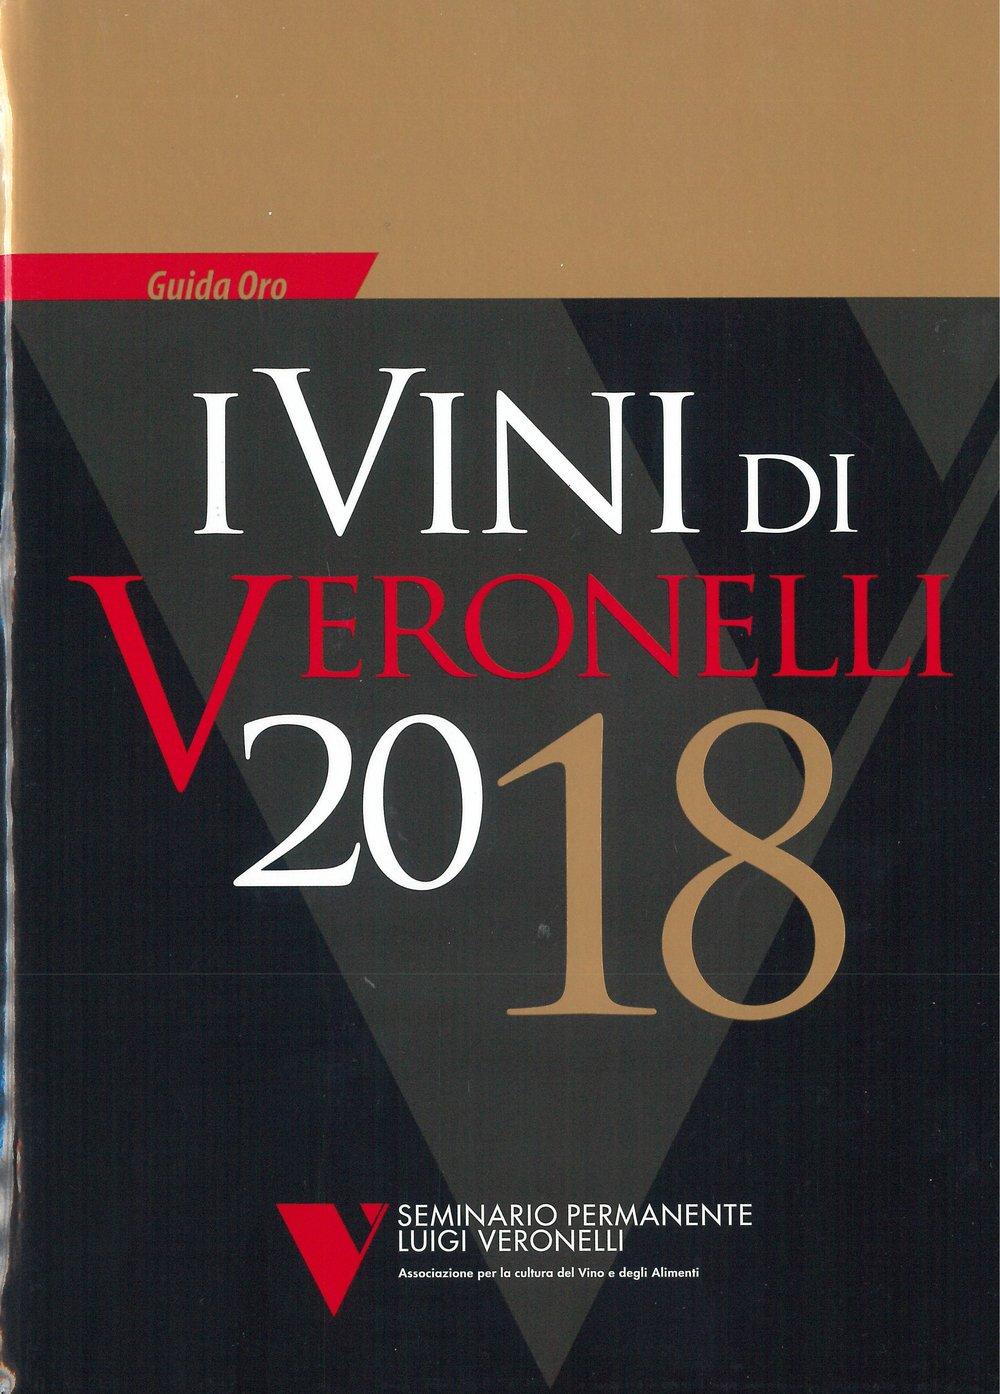 Seminario Permanente Luigi Veronelli_I Vini di Veronelli_2018_Cover.jpg